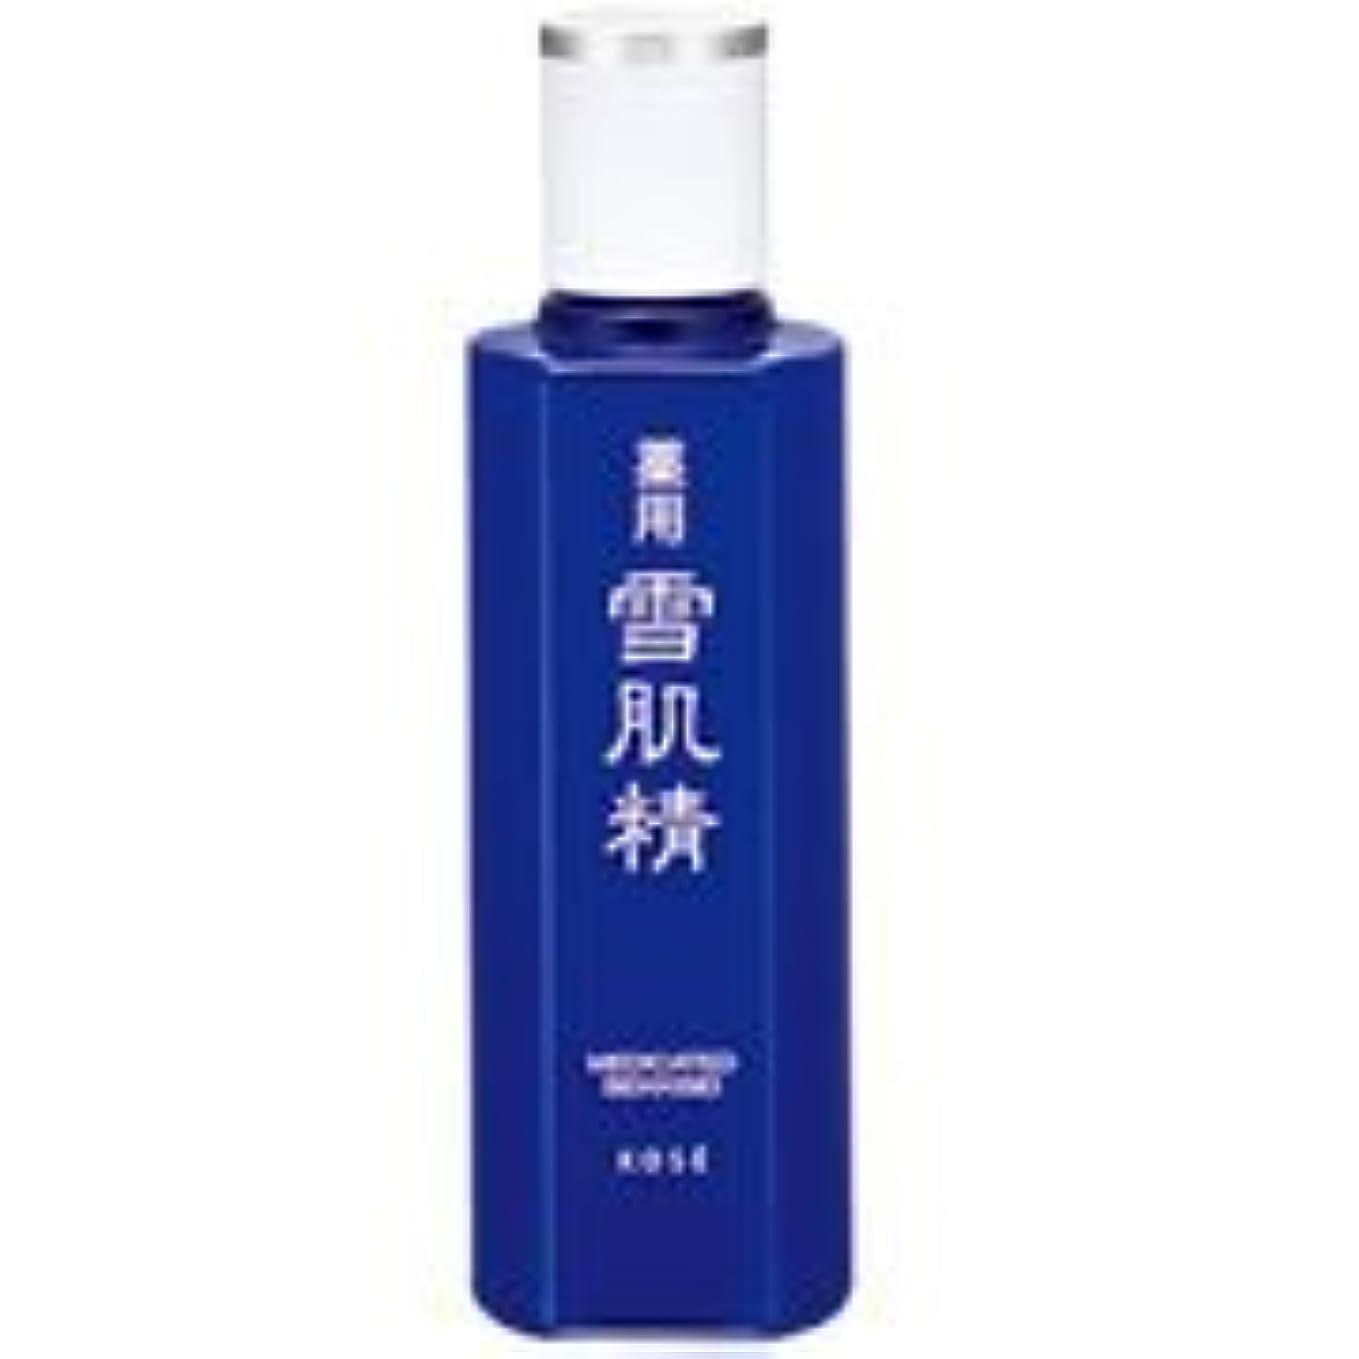 コーセー 薬用 雪肌精 化粧水 限定 トライアルサイズ 140ml